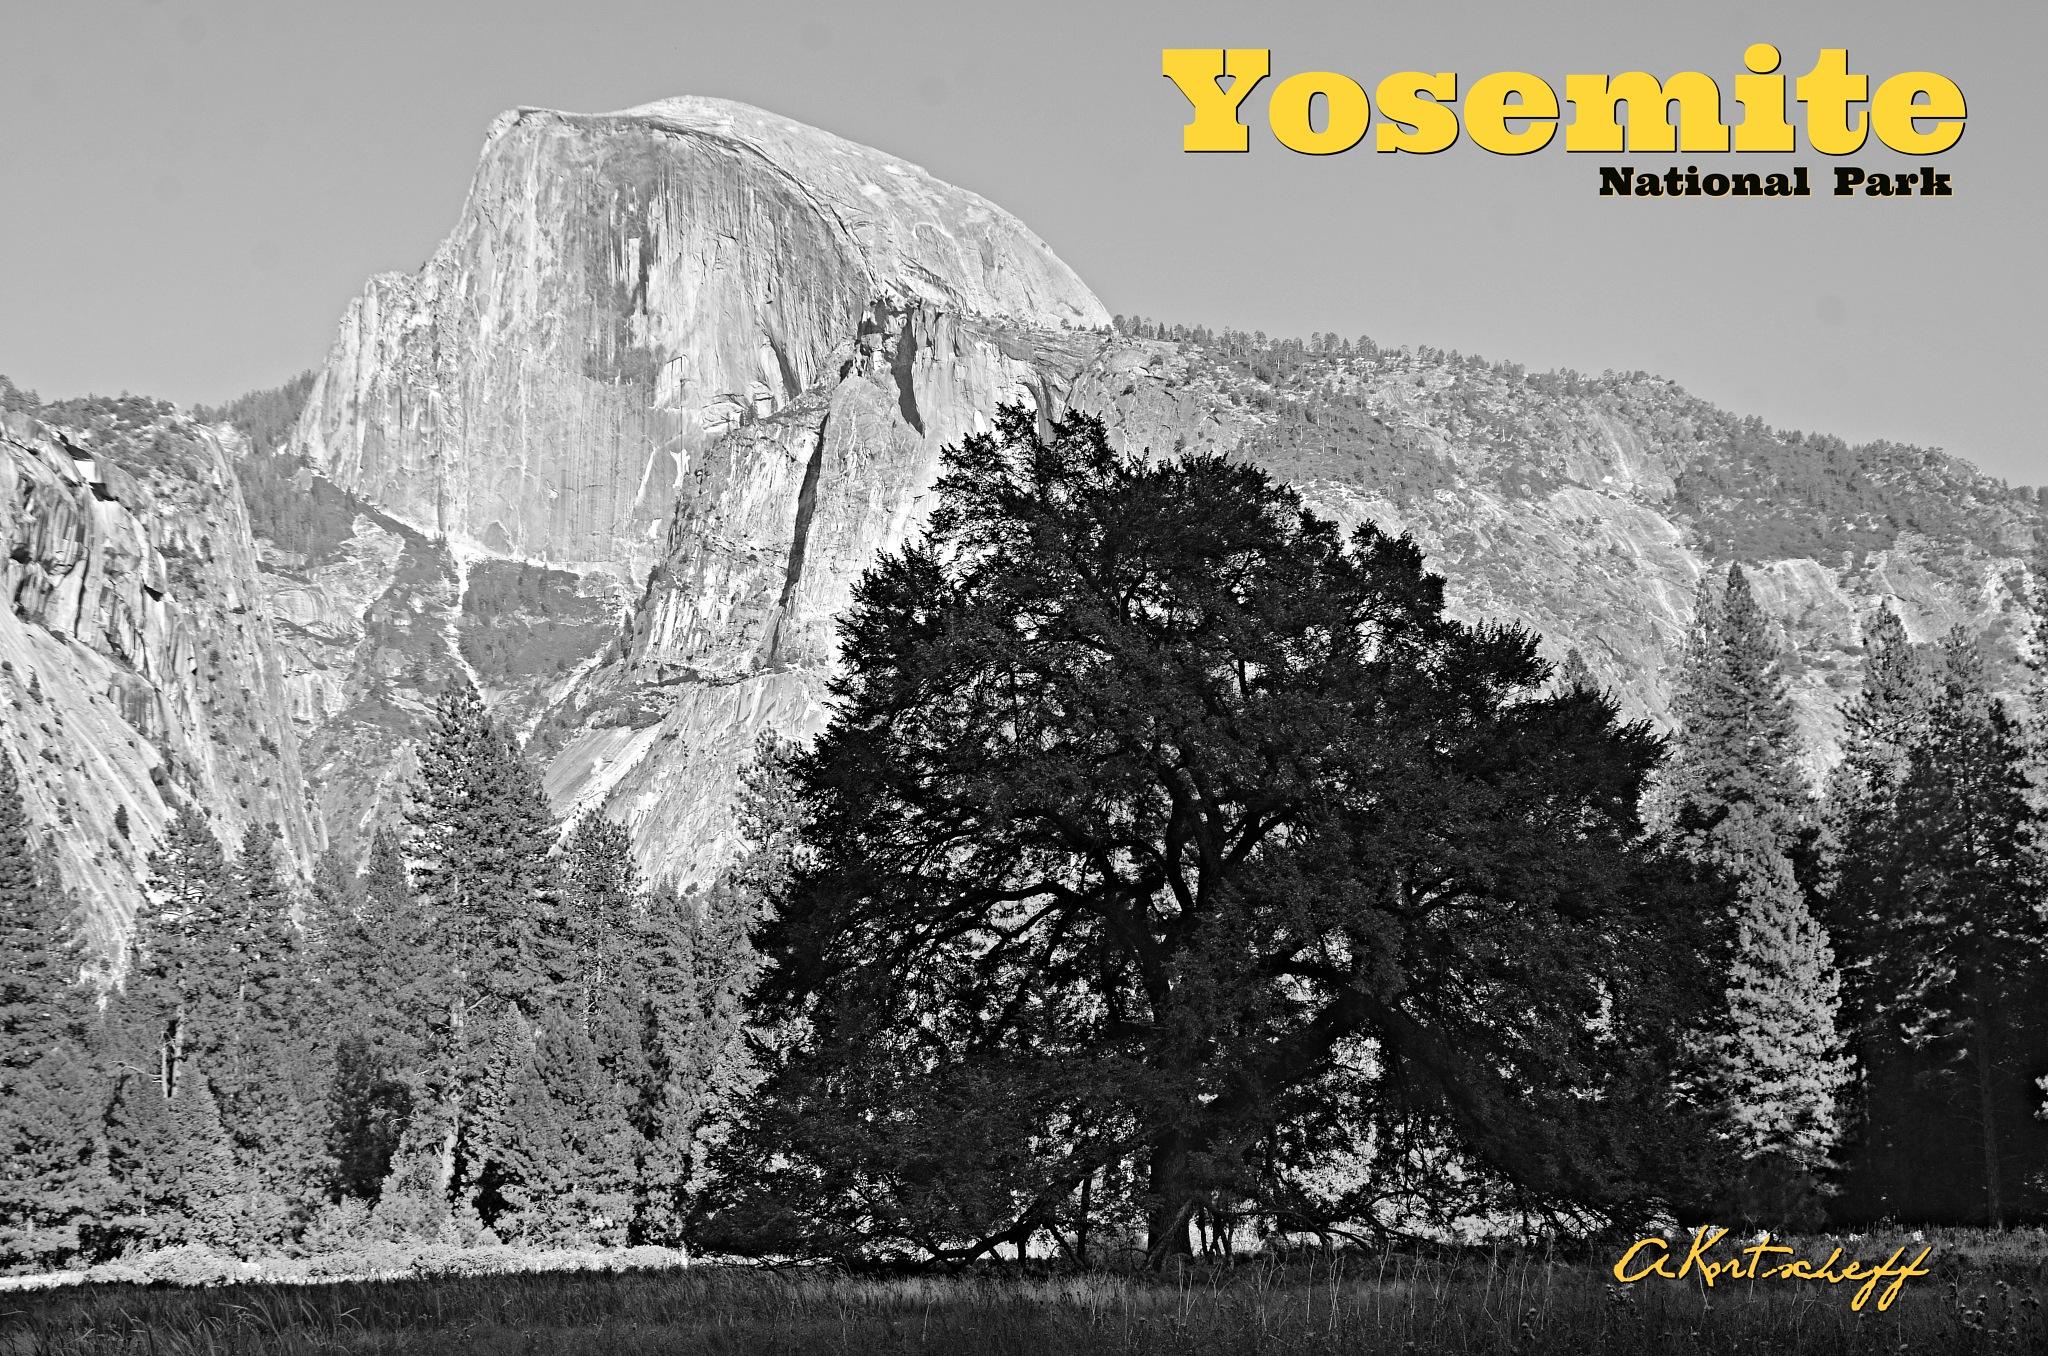 YOSEMITE HALF DOME by akortscheff